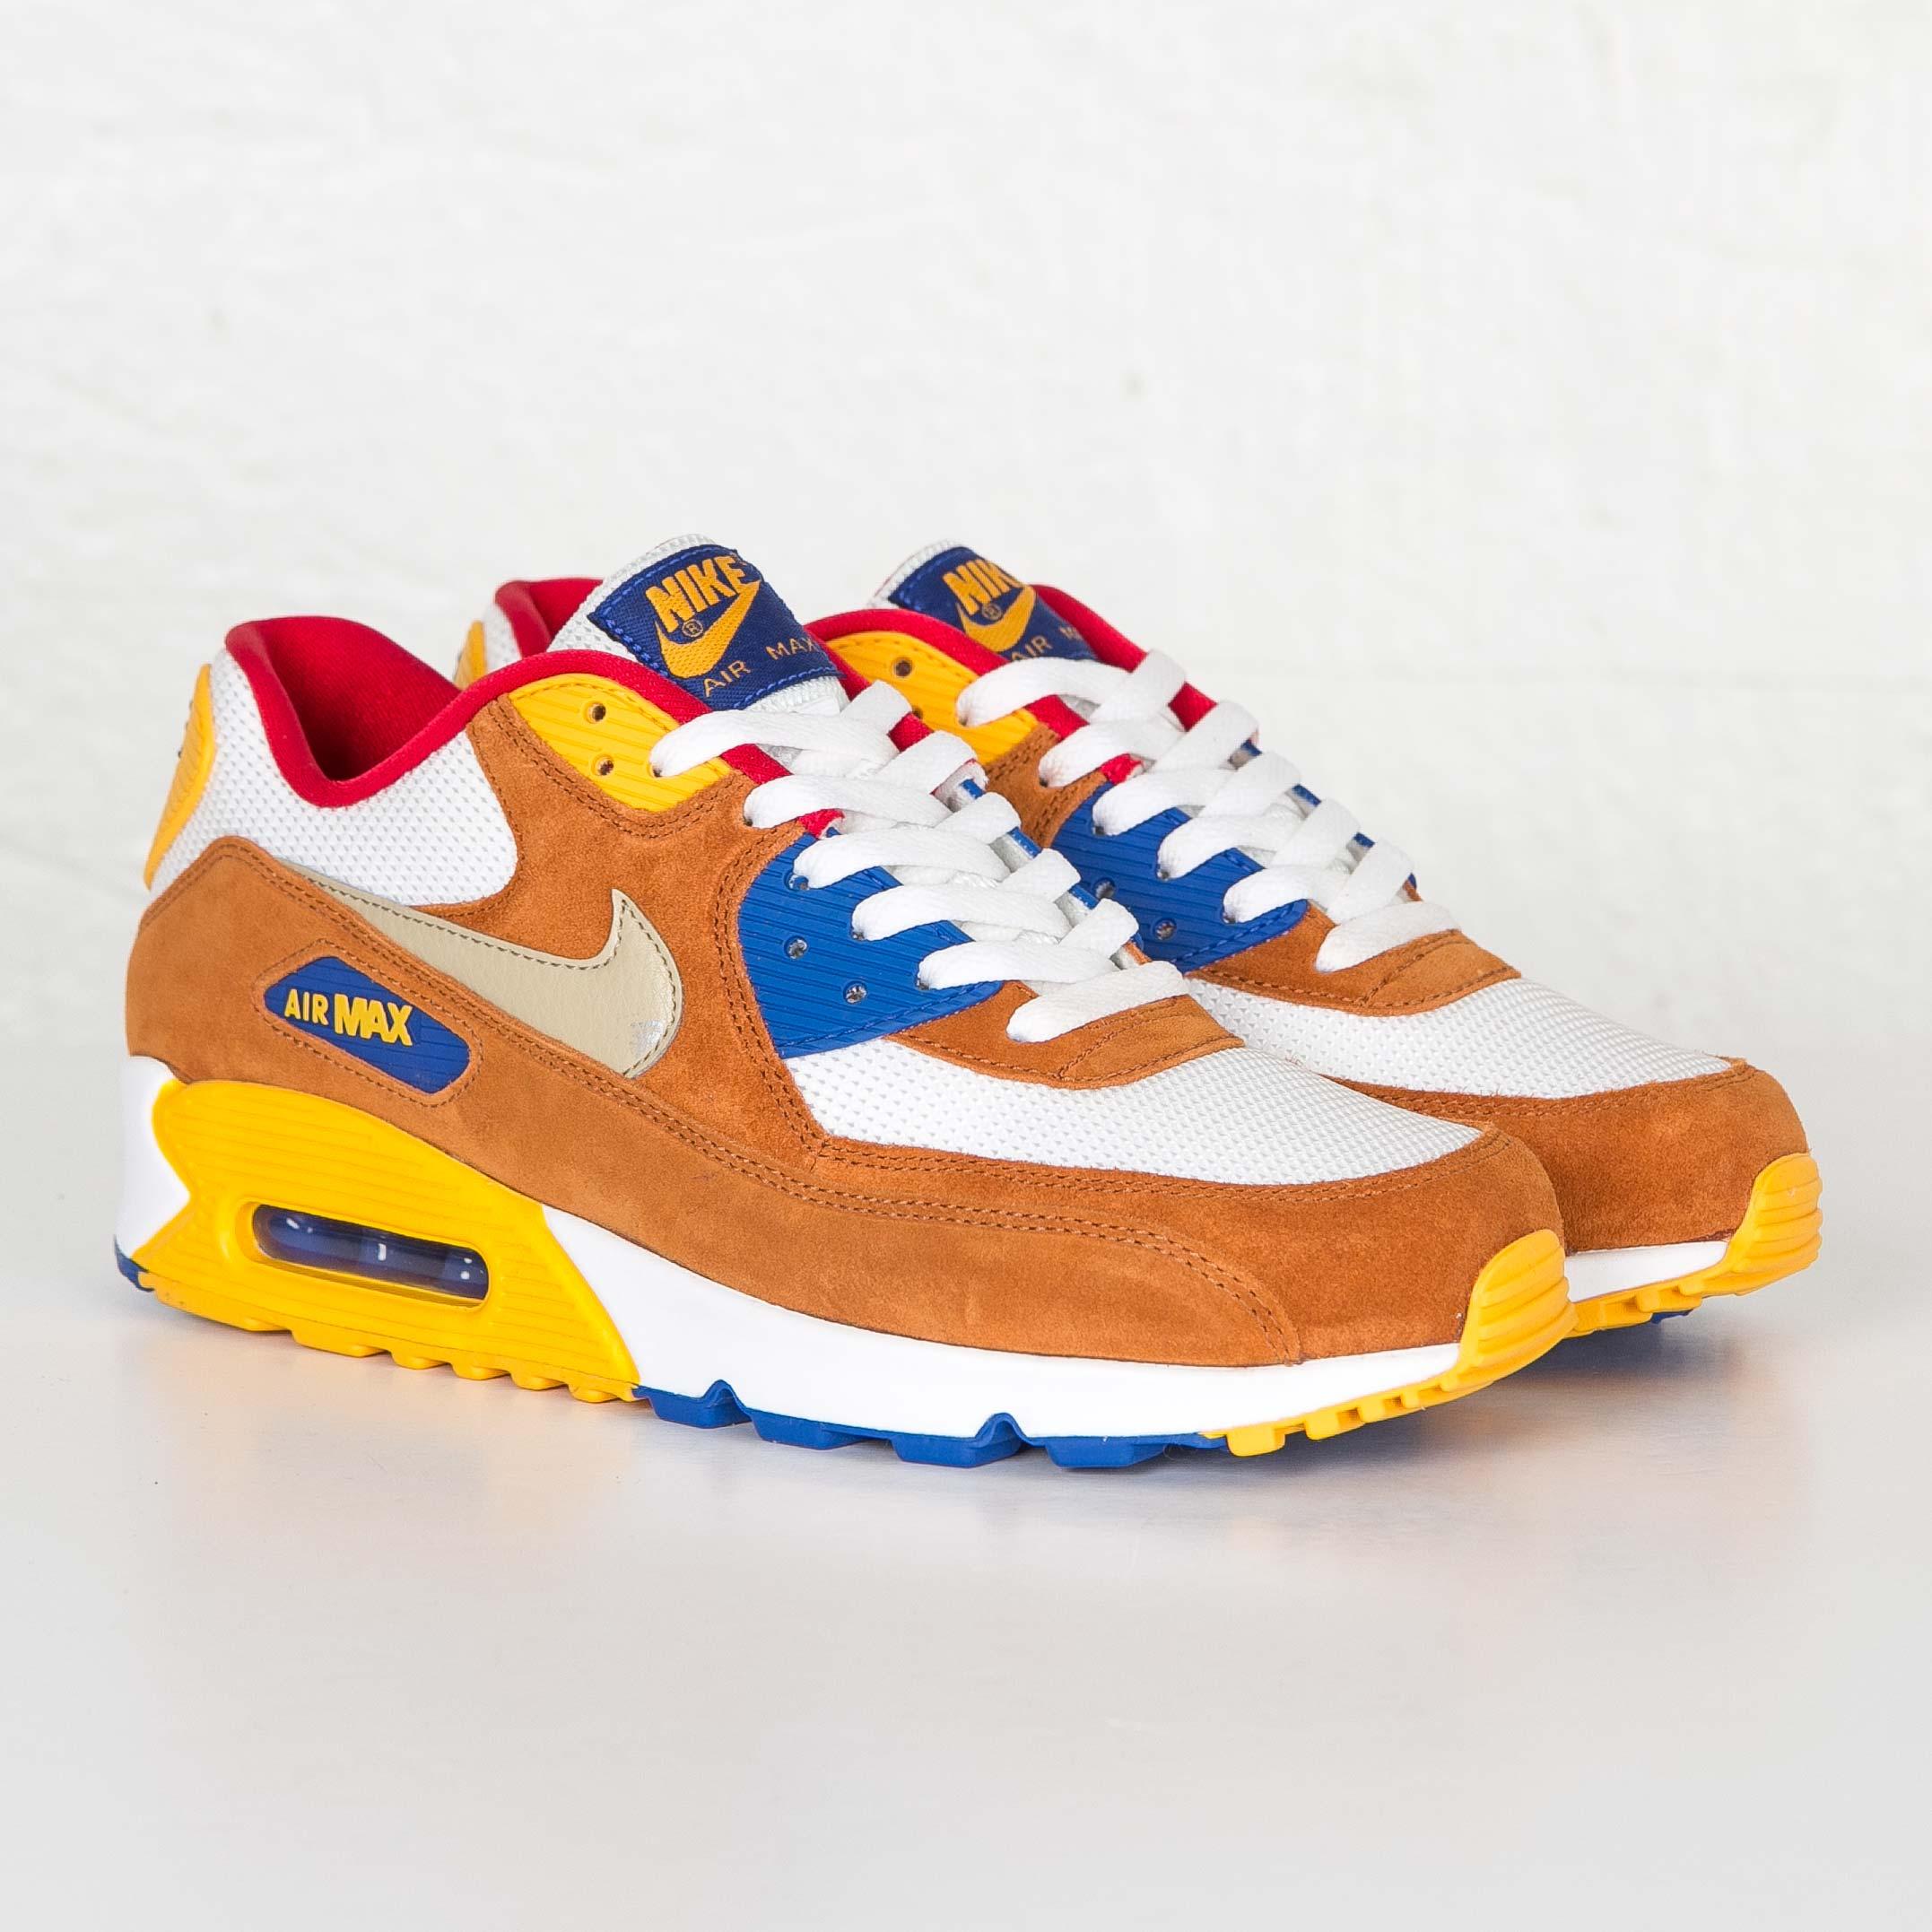 Nike Air Max 90 Premium - 700155-107 - Sneakersnstuff  403be004a